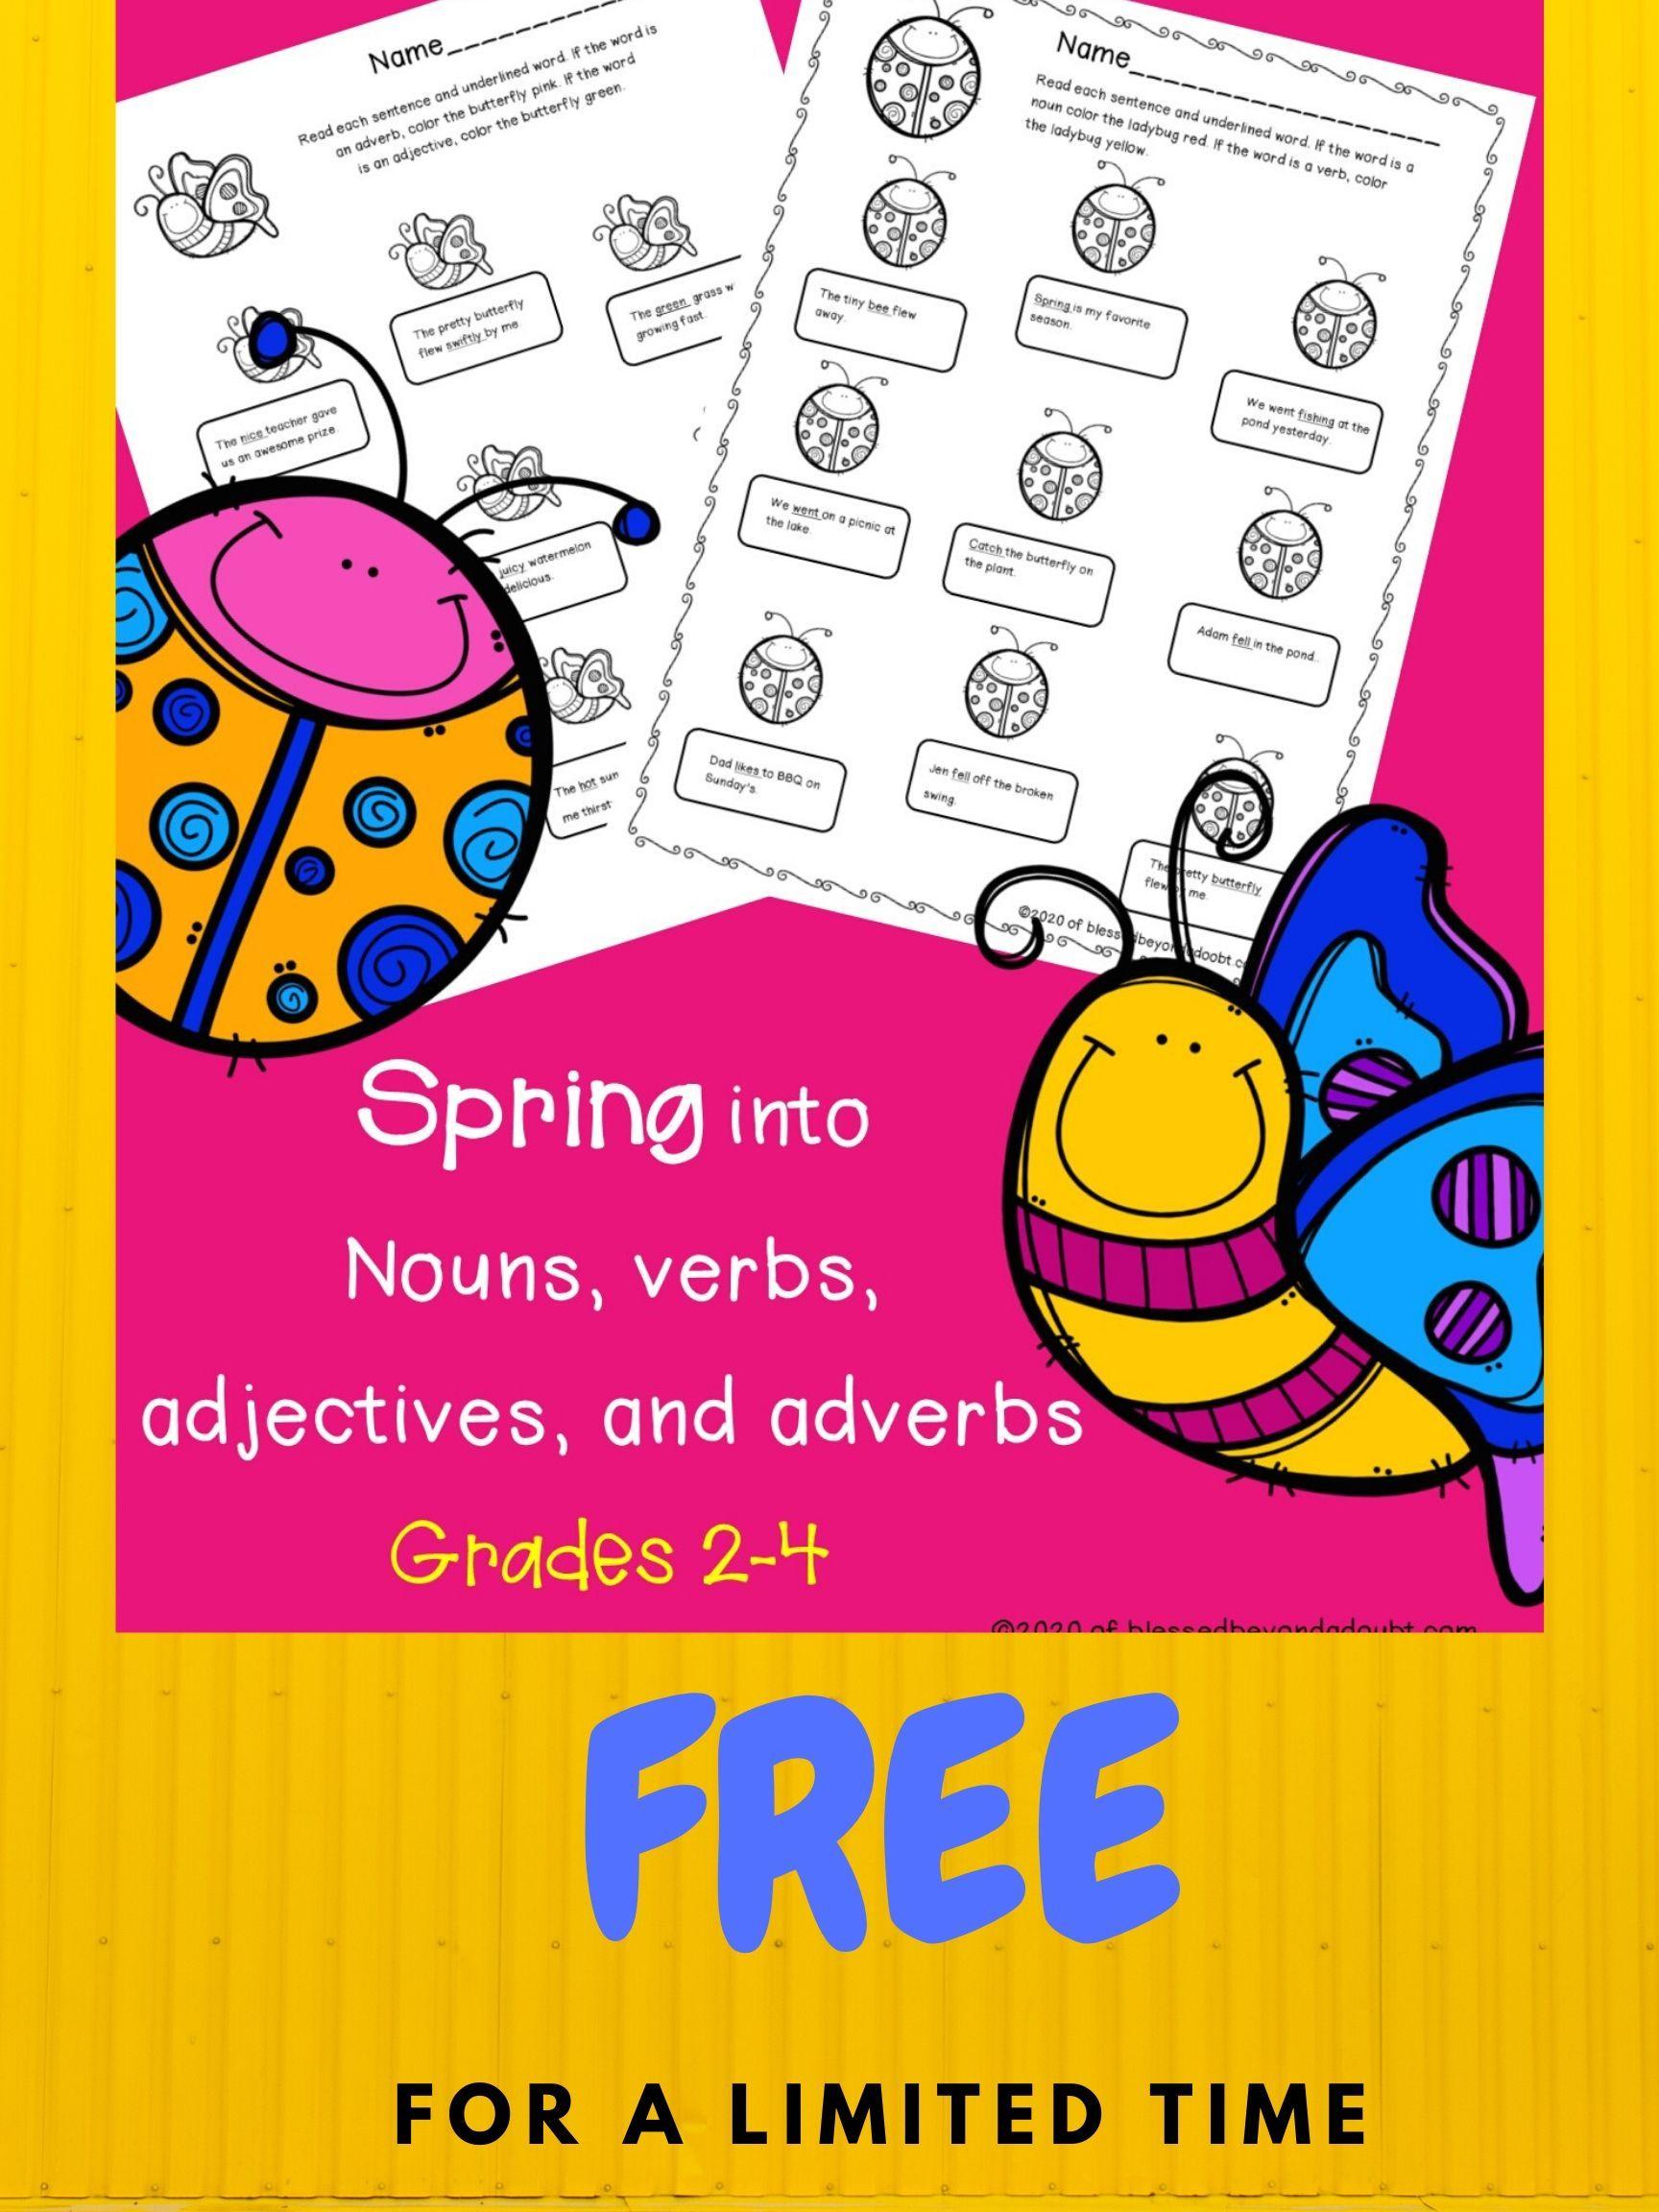 Free Spring Grammar Worksheets Blessed Beyond A Doubt Parts Of Speech Worksheets Grammar Worksheets Free Homeschool Printables [ 2304 x 1728 Pixel ]